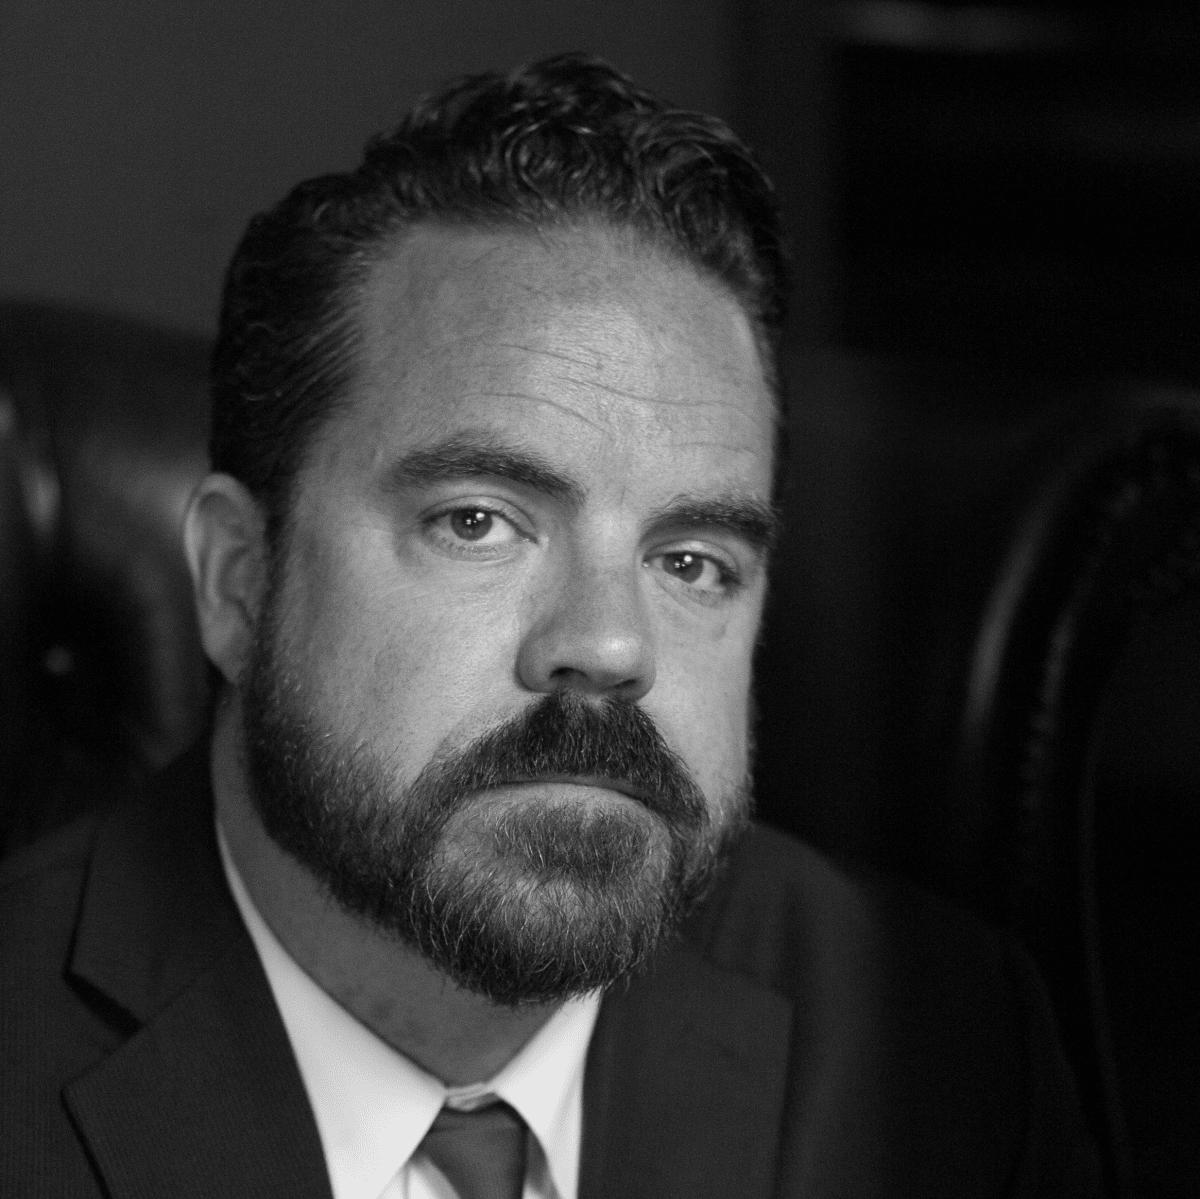 Dallas actor Max Hartman